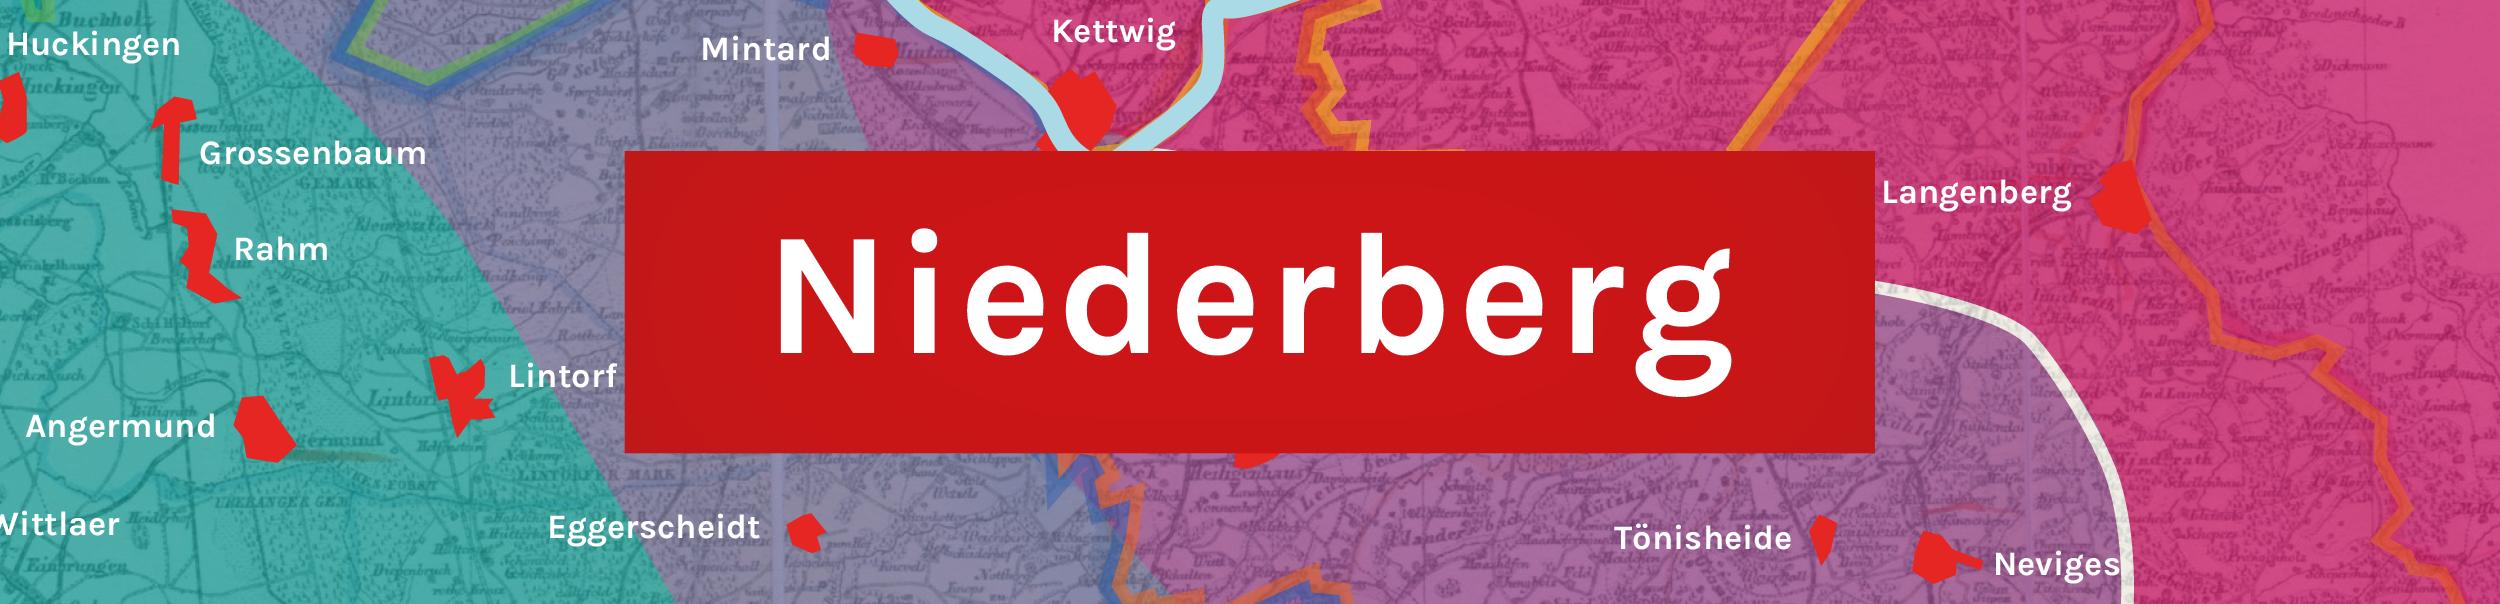 Banner für das Niederbergische